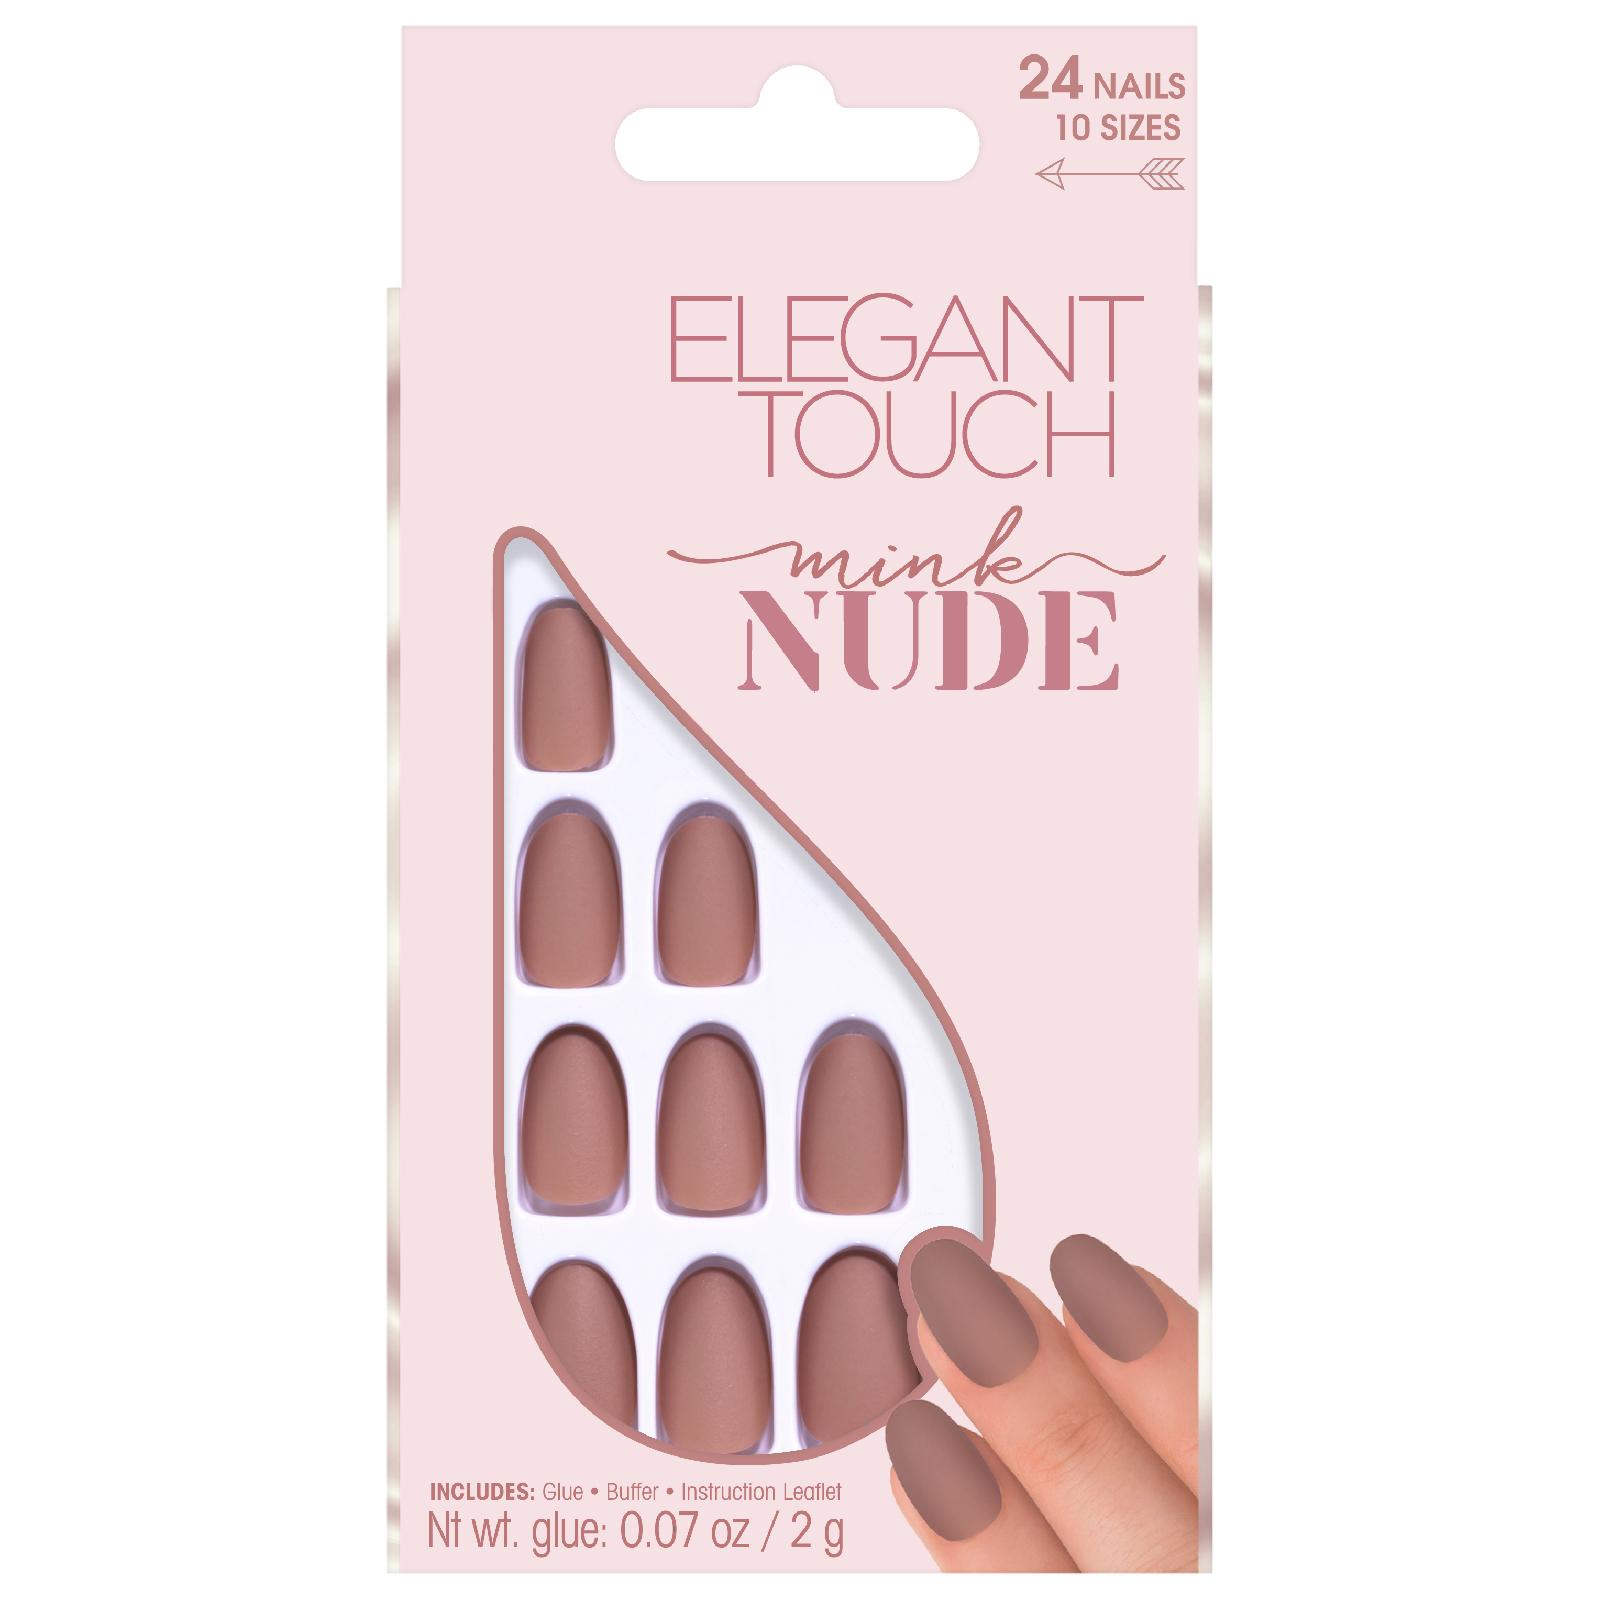 Купить Матовые накрашенные накладные ногти коллекции «Nude» Elegant Touch Nude Collection Nails— Mink